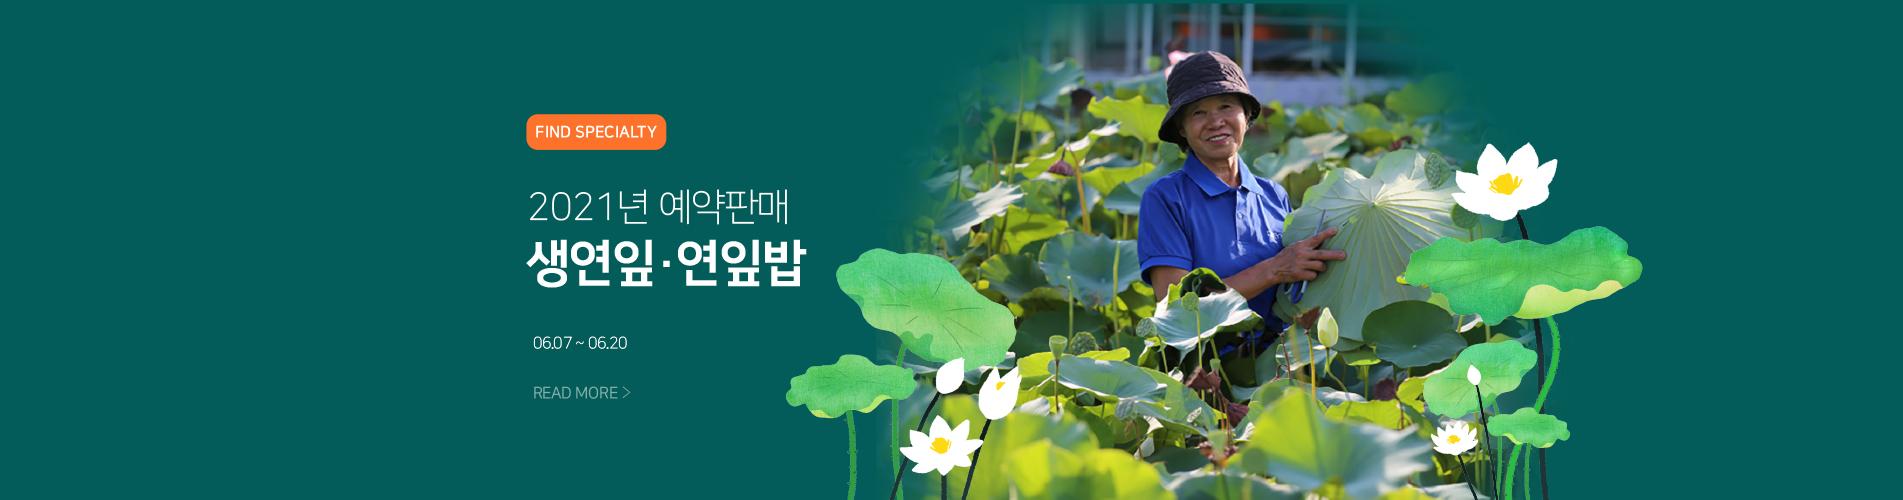 메인배너1-2021년 생연잎 예약판매